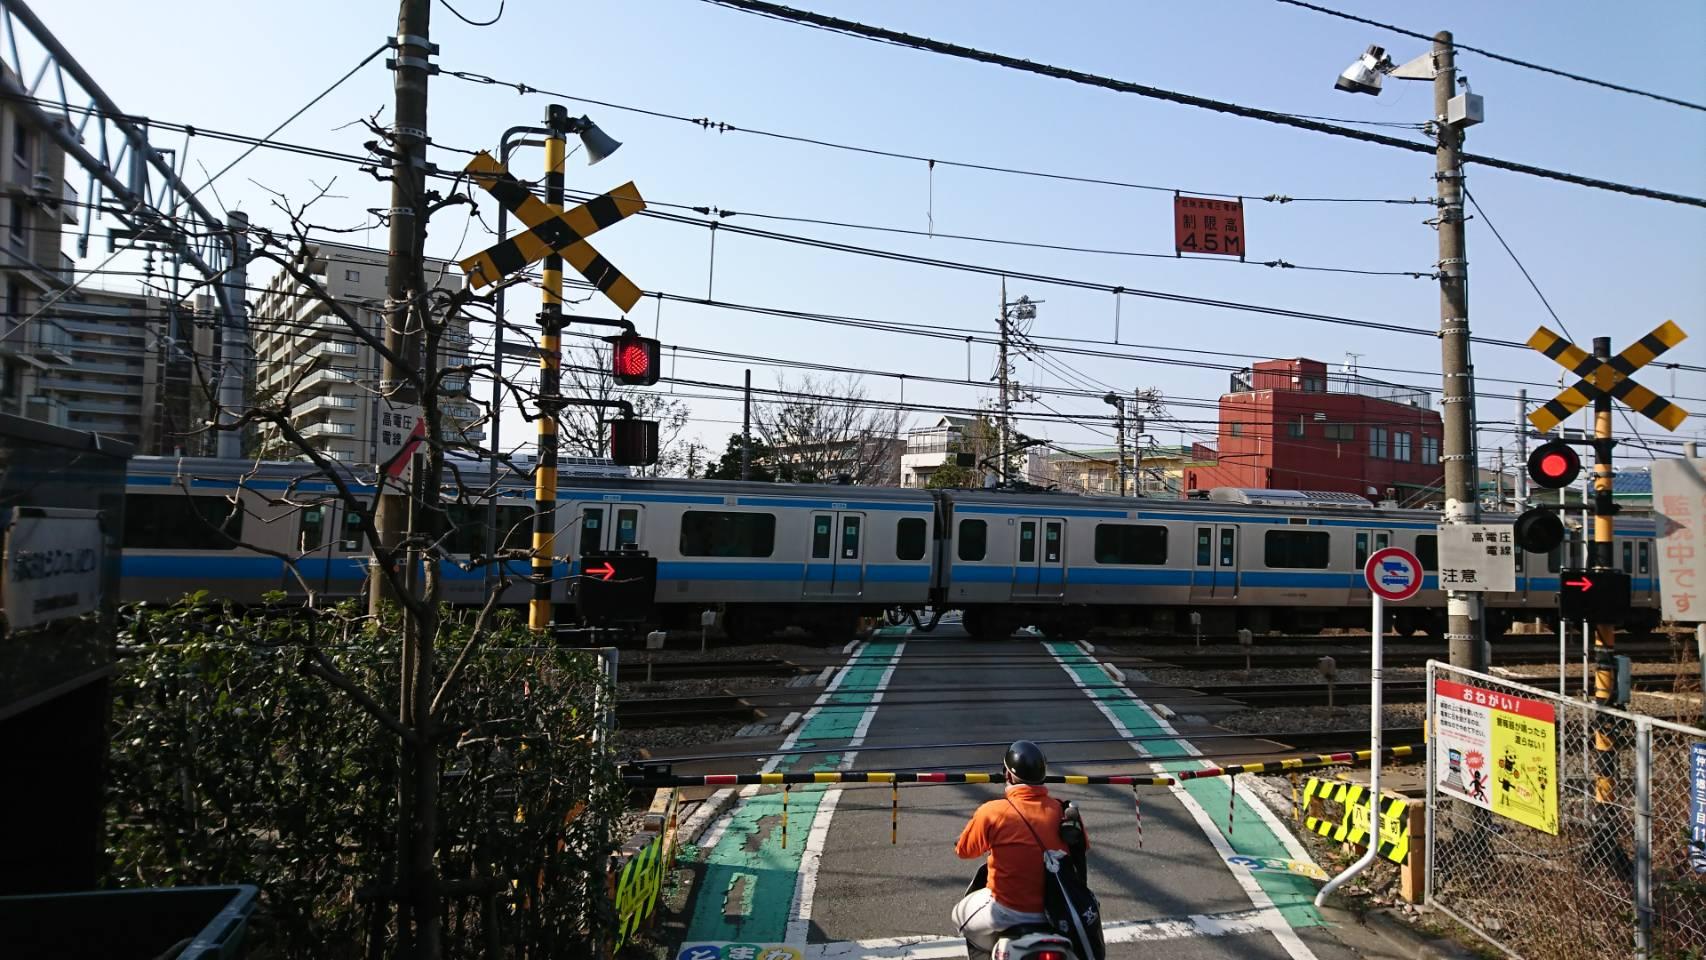 大田区仲六郷、JR東海道線、京浜東北線